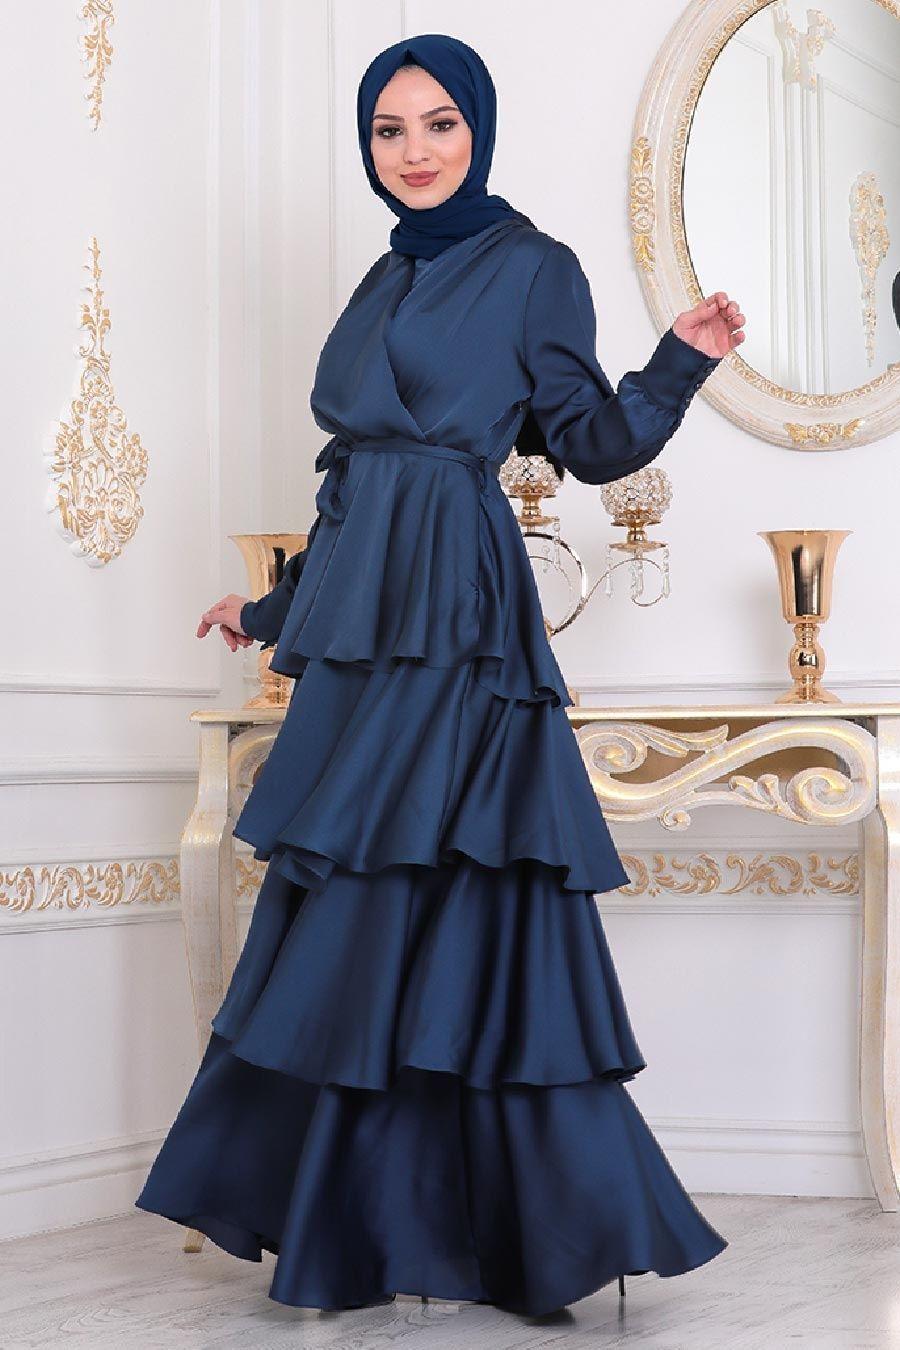 Tesetturlu Abiye Elbise Firfirli Krep Saten Lacivert Tesettur Abiye Elbise 22701l Tesetturisland Com 2020 Elbise The Dress Elbise Modelleri